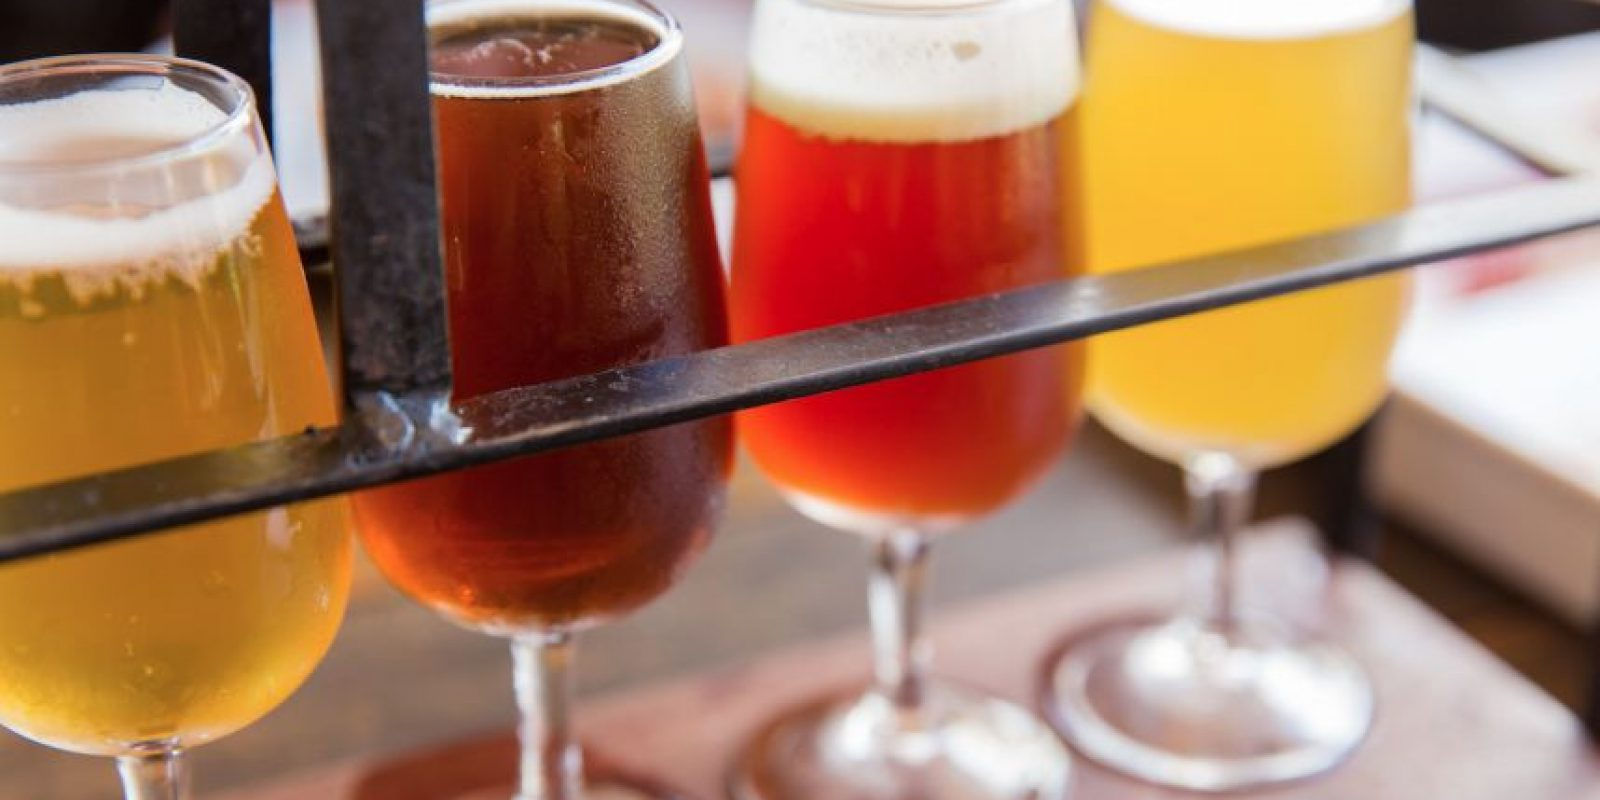 Los colores de las cervezas pueden ser engañosos; no todas las chelas oscuras son fuertes Foto:Dreamstime